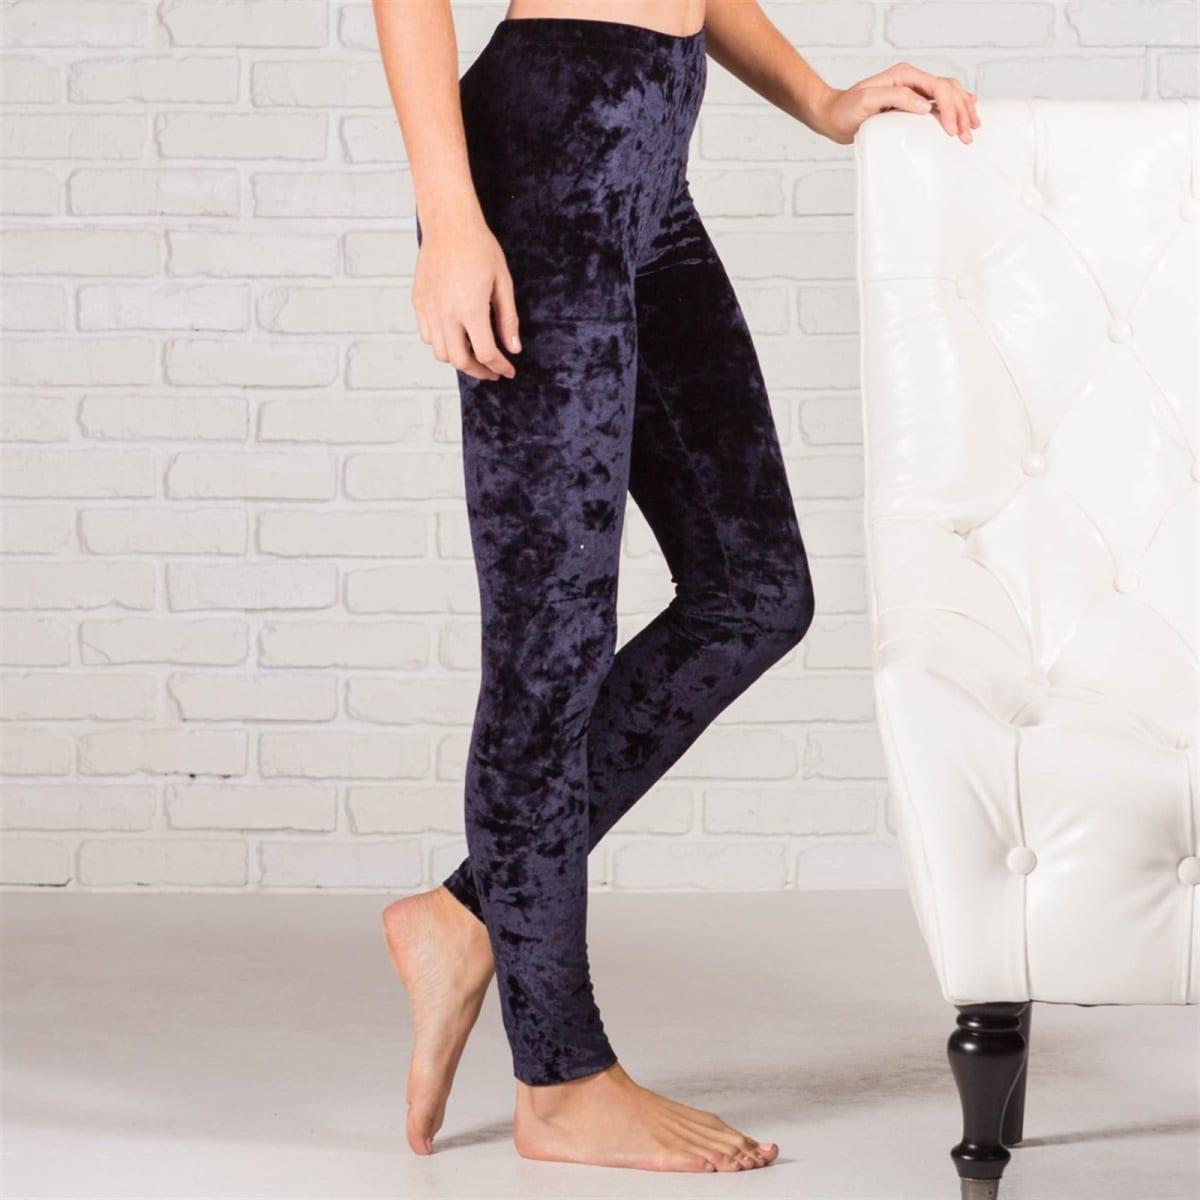 Velvet Leggings   4 Colors – Only $9.99 Shipped!